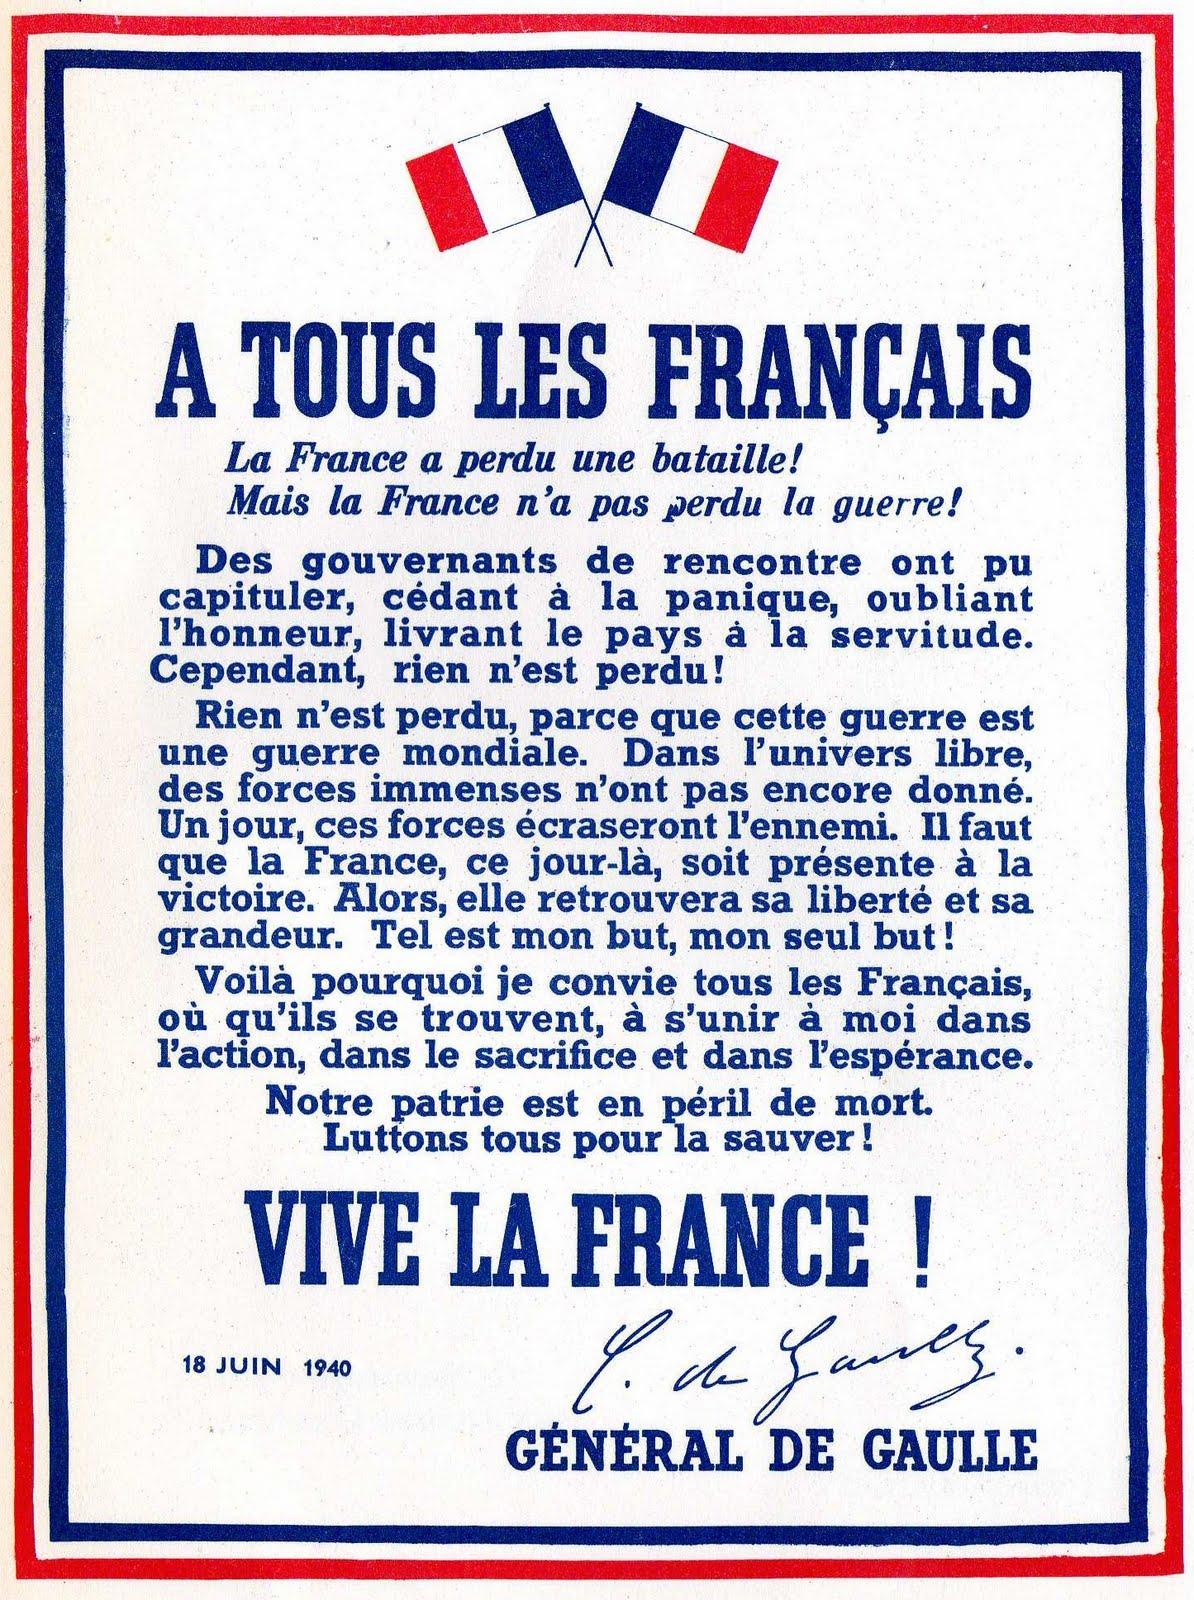 affiche du  18 juin 1940 par le général De Gaulle